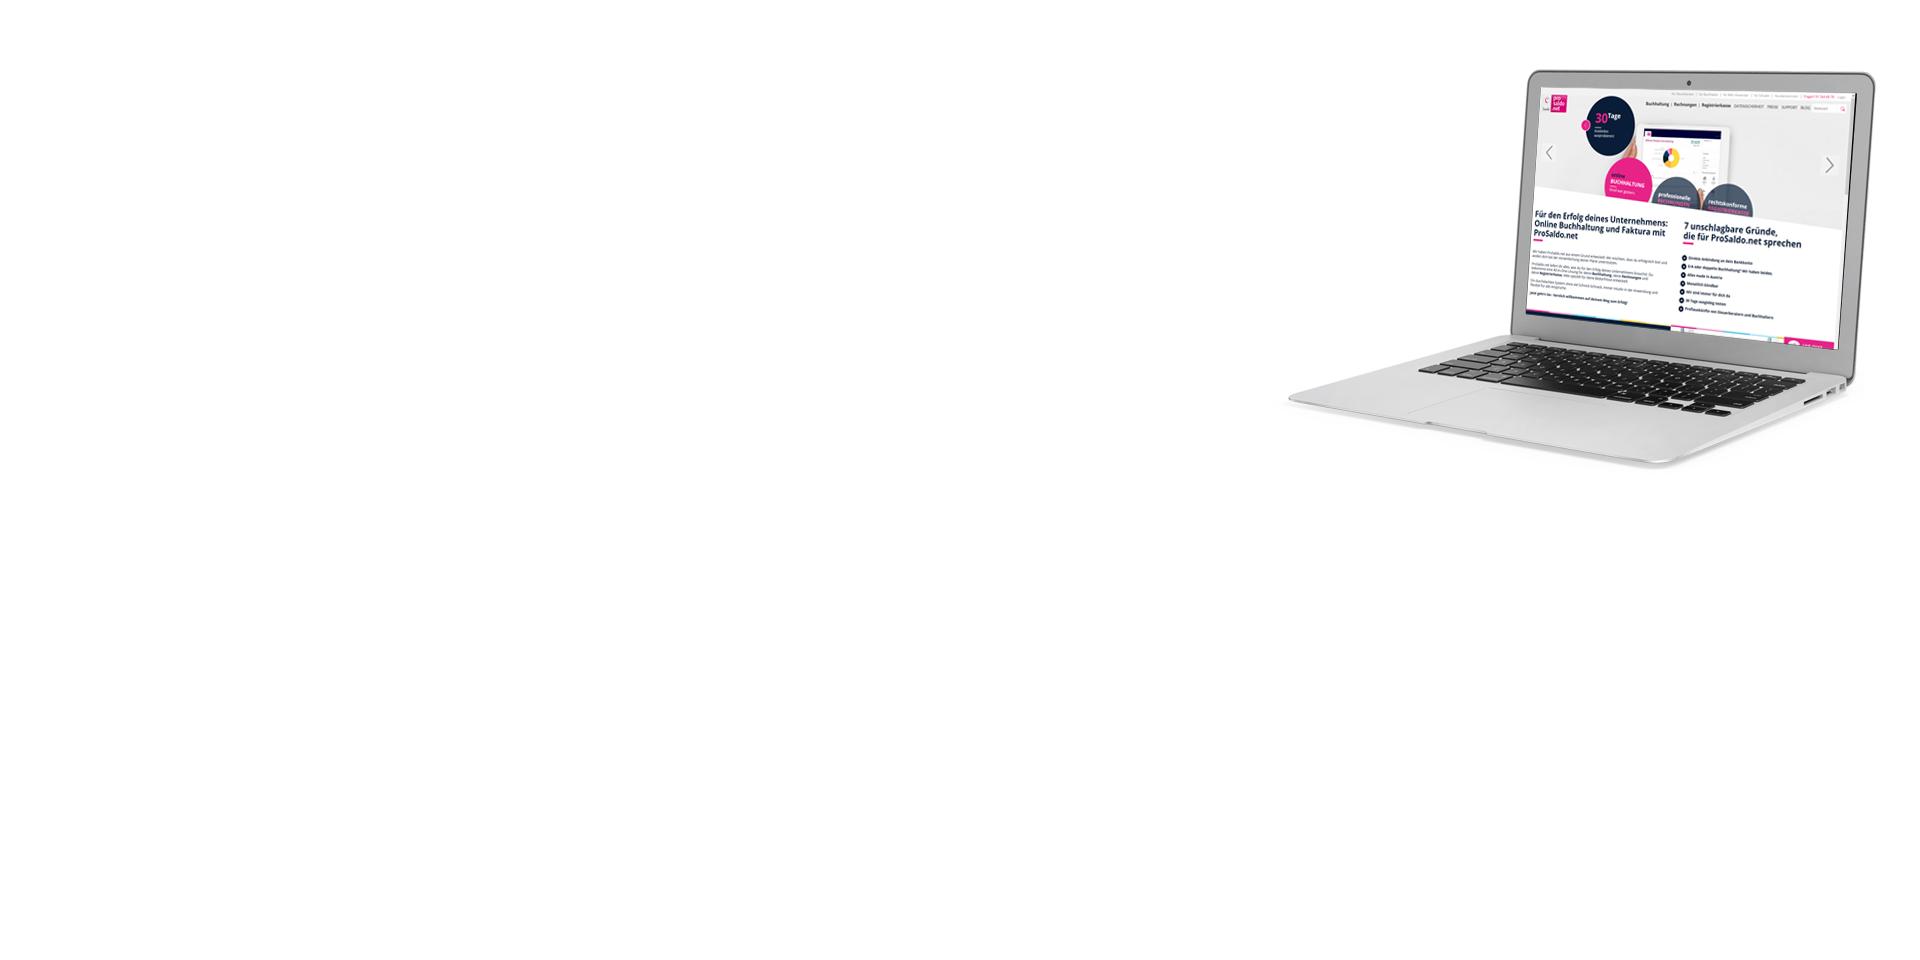 Laptop mit geöffnetem Browser und Webseite